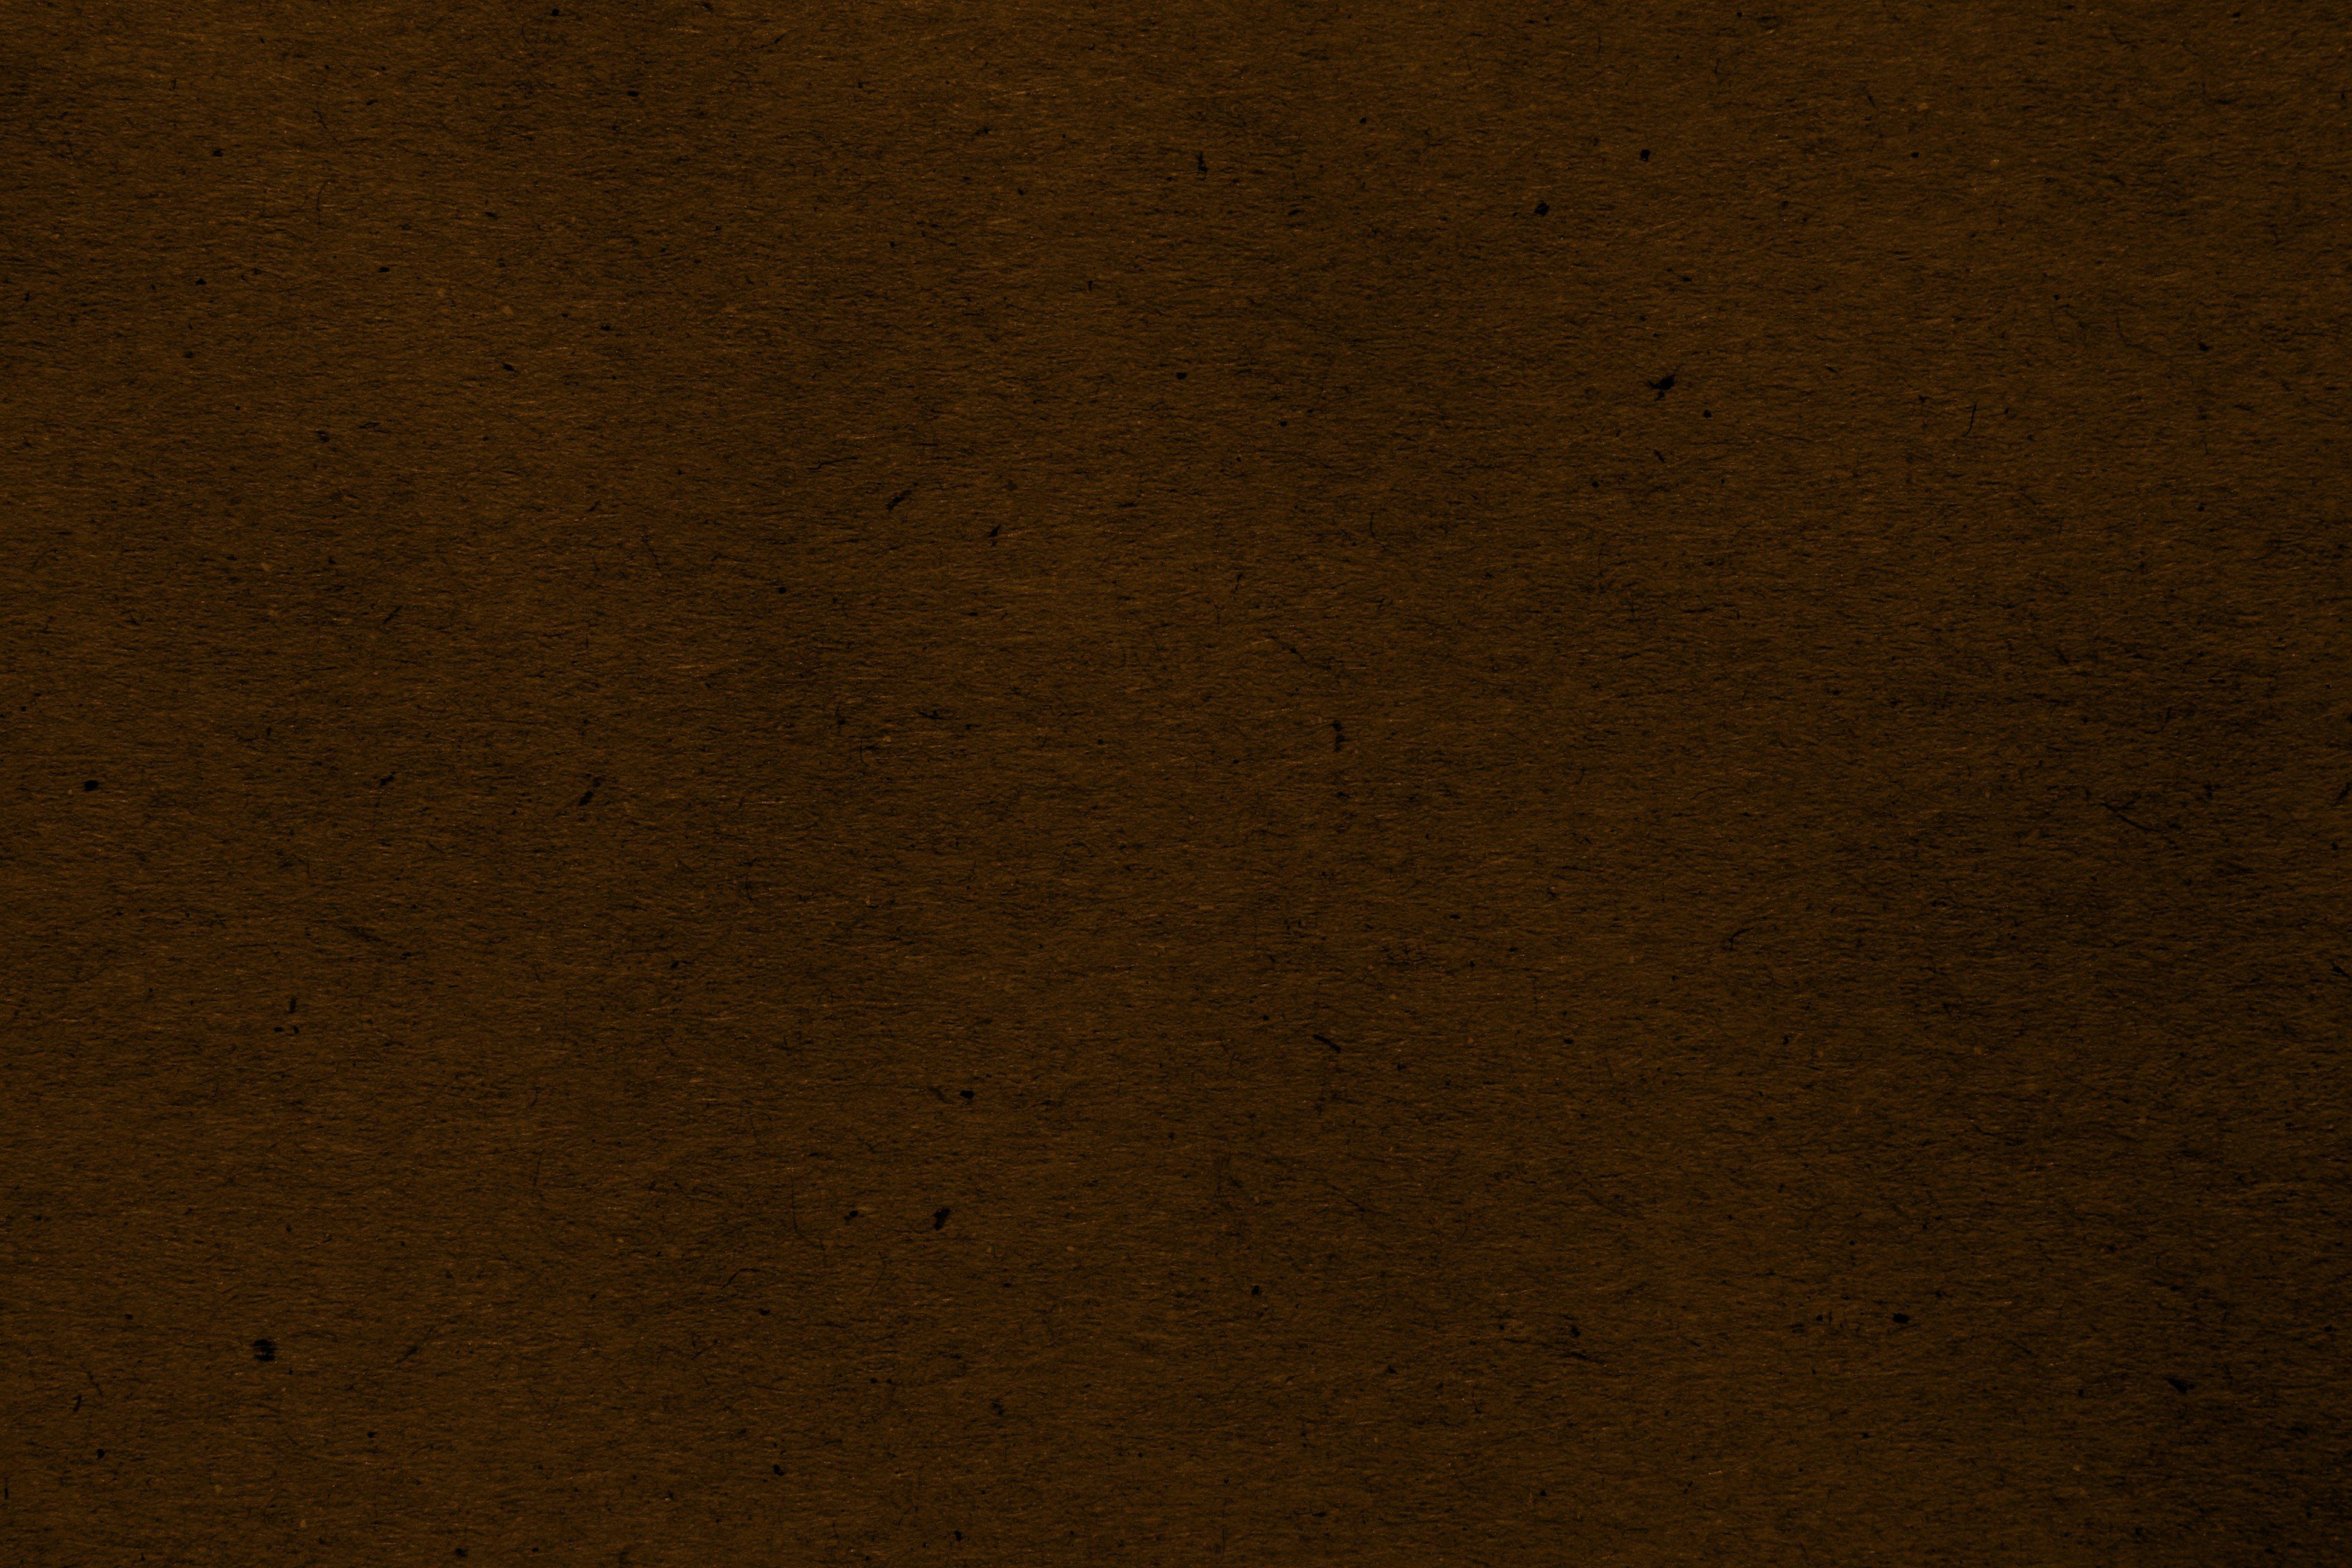 Chocolate Wallpaper - WallpaperSafari